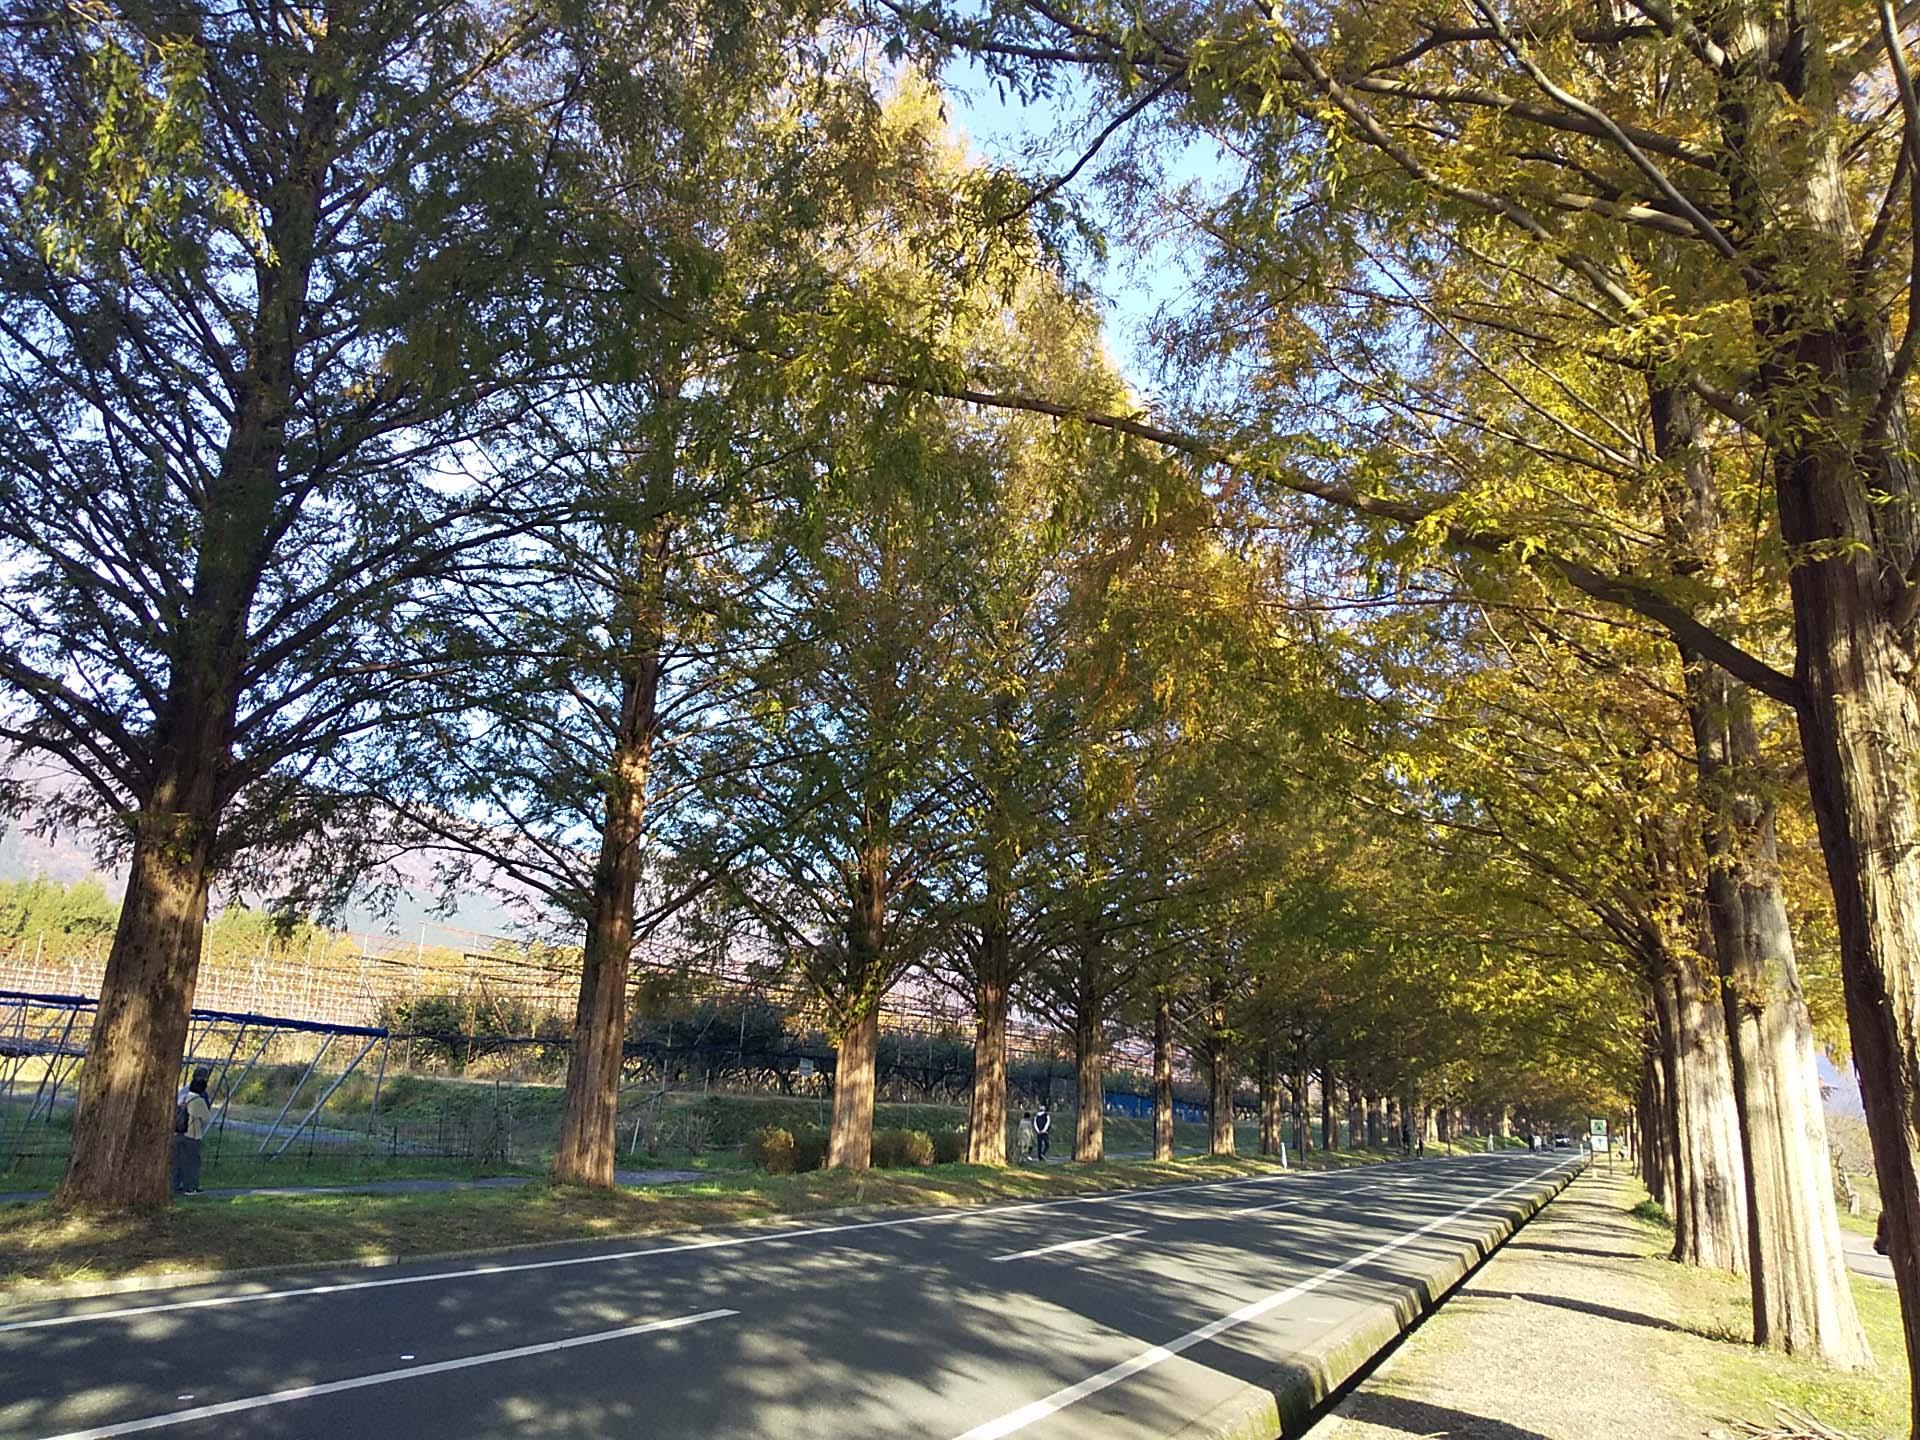 映画のワンシーンみたい!美しすぎる並木道 in 滋賀県